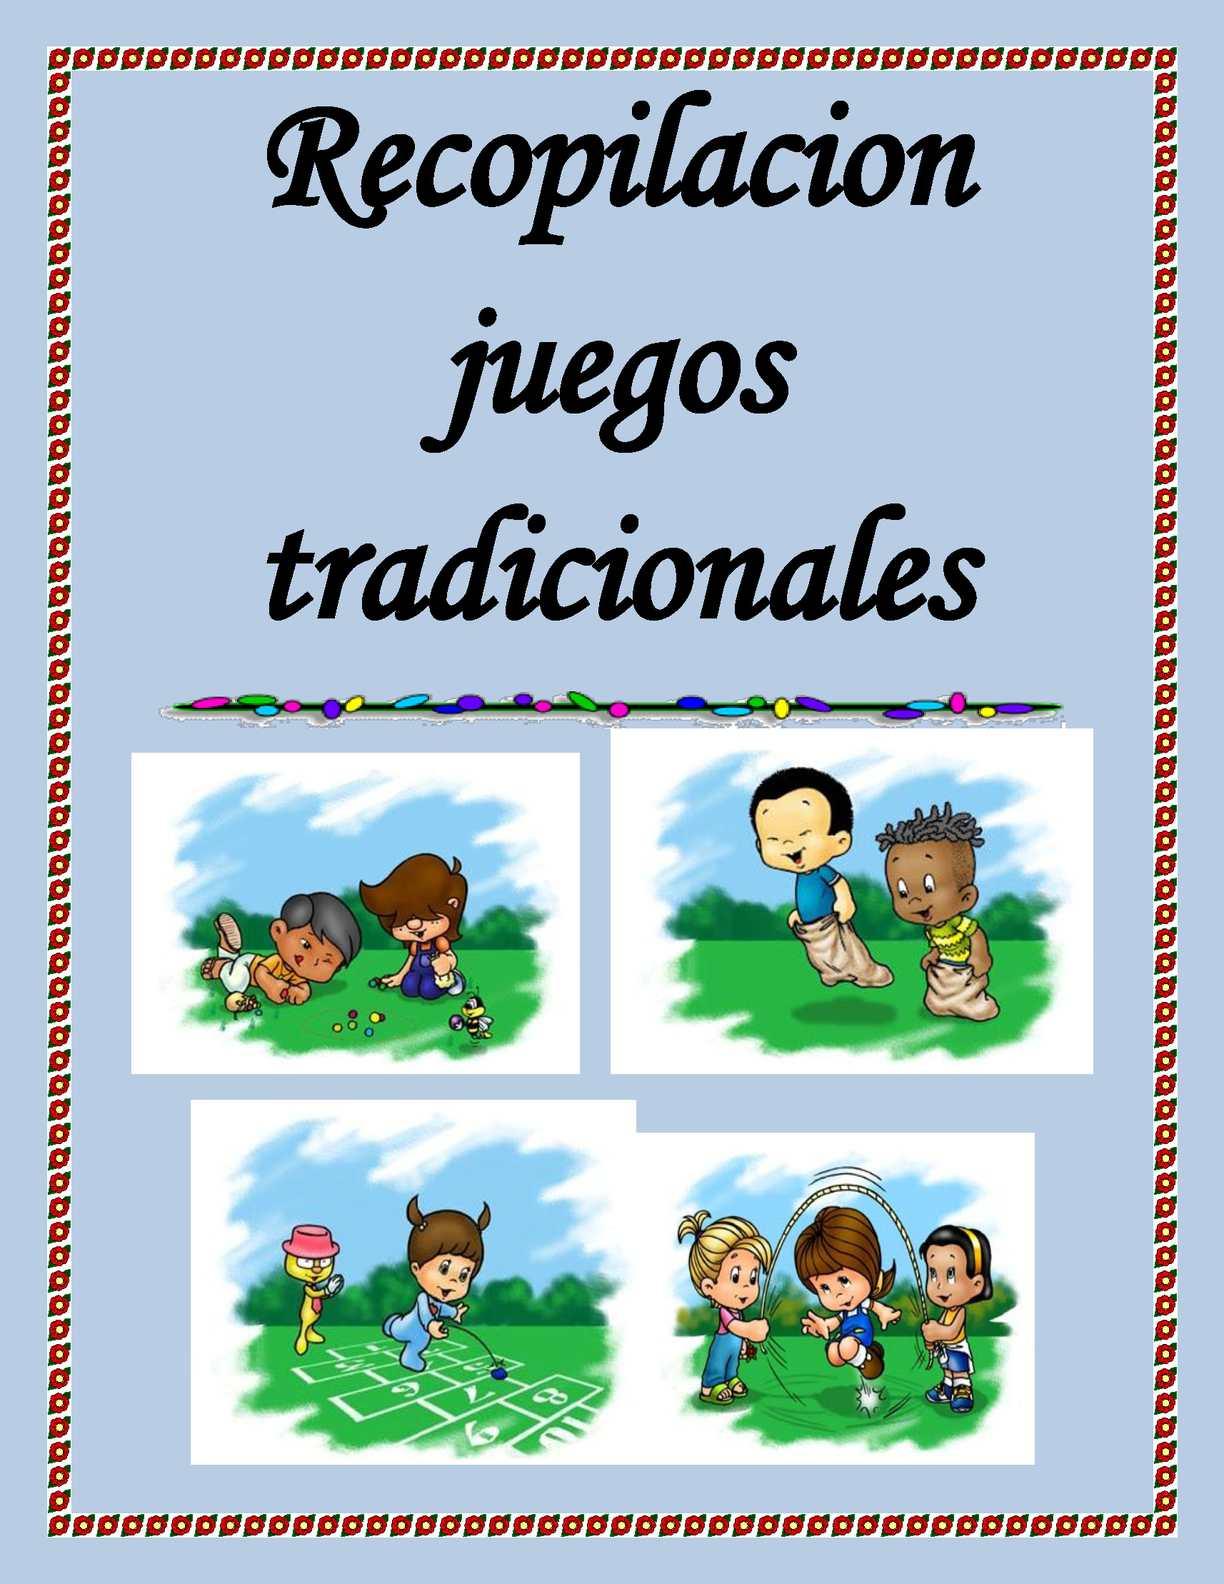 Juegos Recopilacion Calaméo Calaméo Calaméo Juegos Juegos Recopilacion Recopilacion Tradicionales Juegos Recopilacion Tradicionales Tradicionales Calaméo Y2I9WDHE